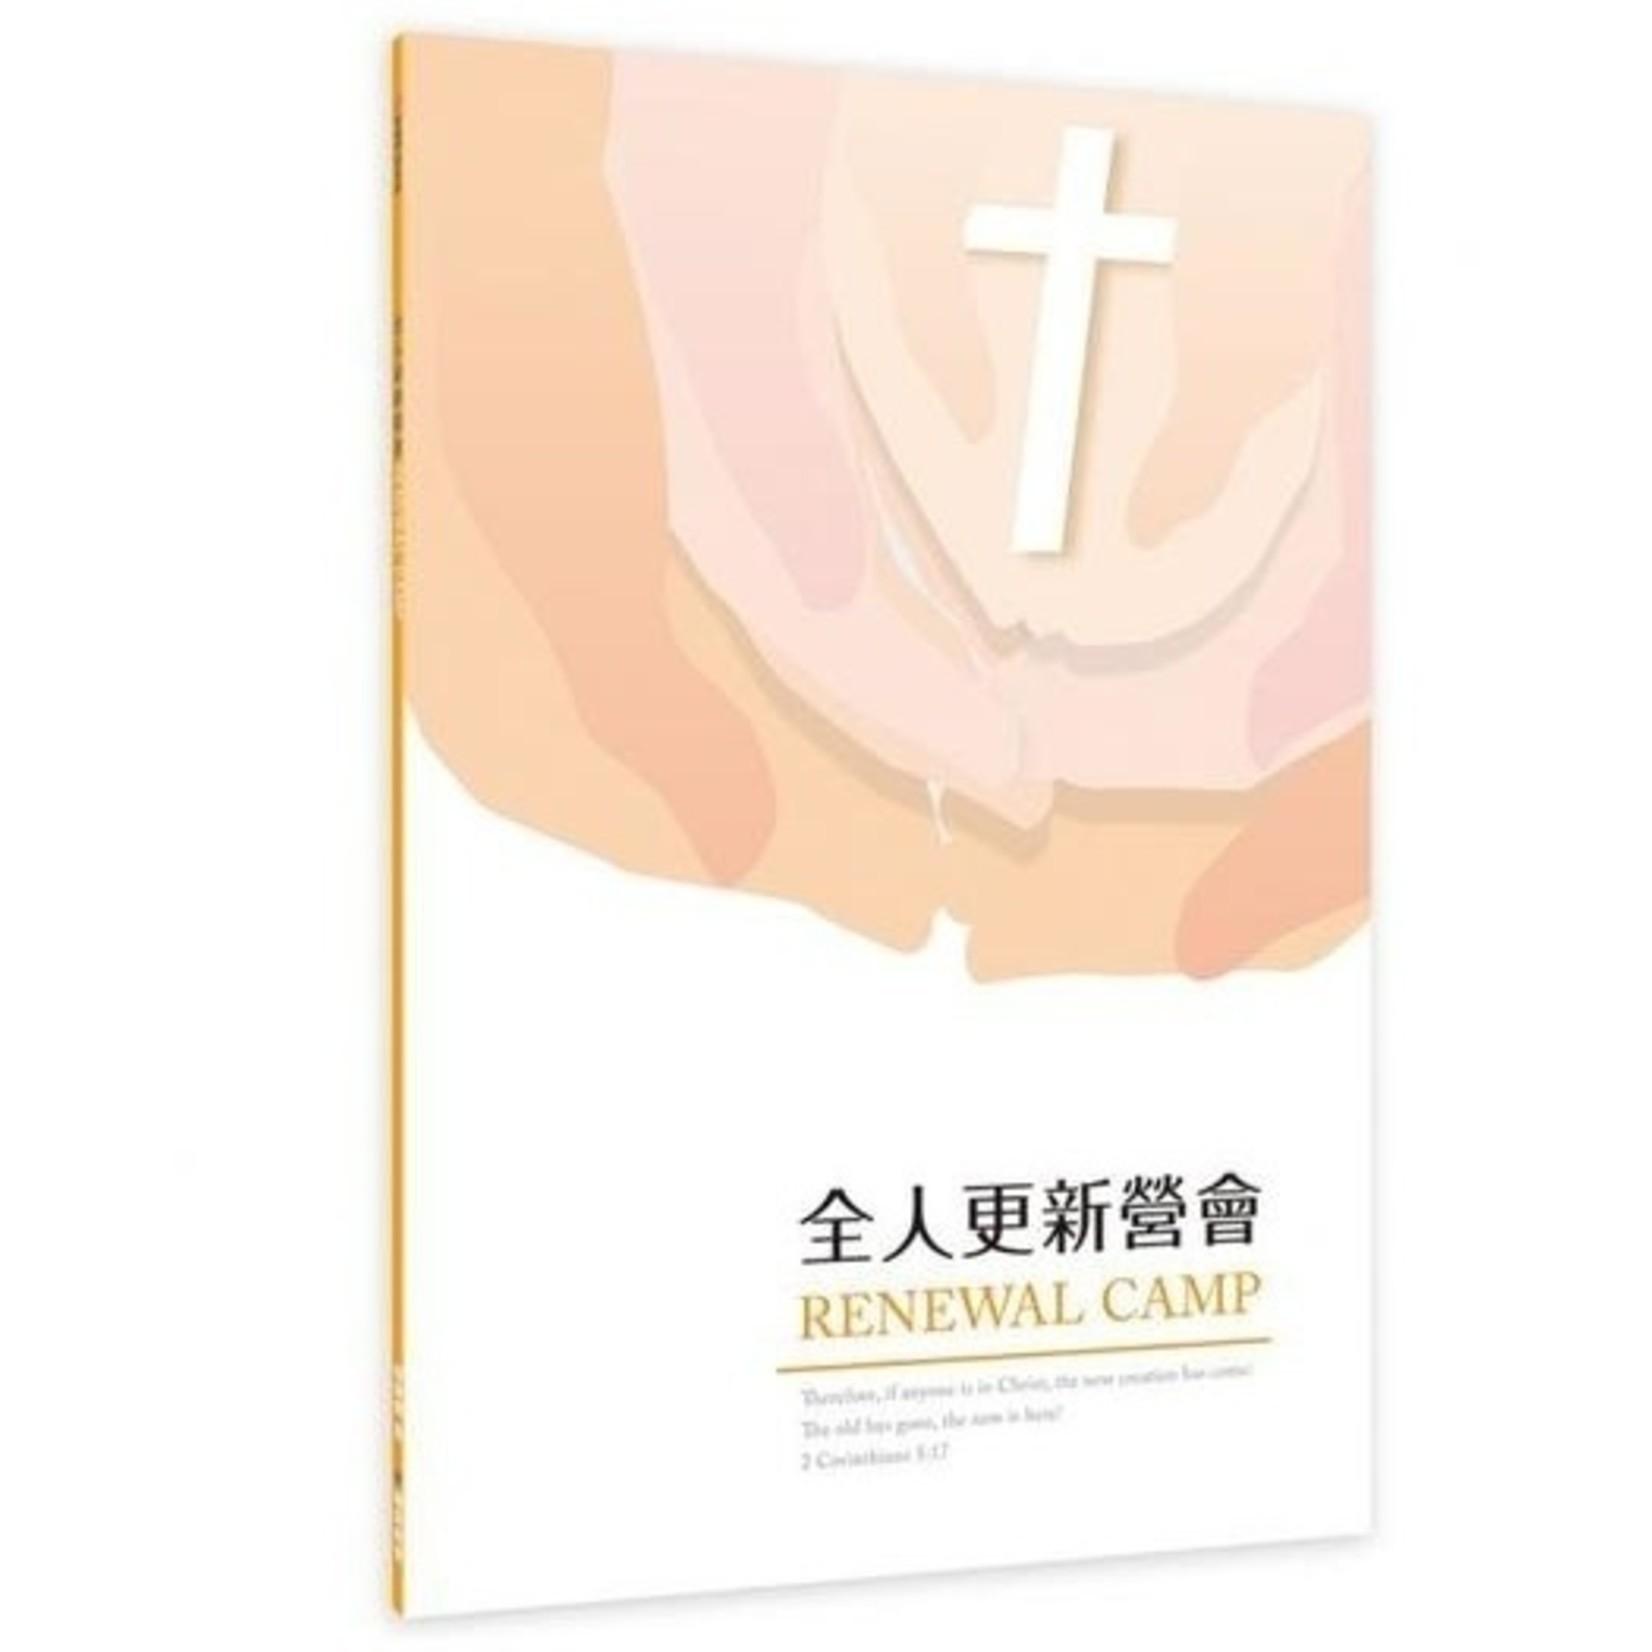 基督教福氣教會 Blessed & Blessing Church 全人更新營會